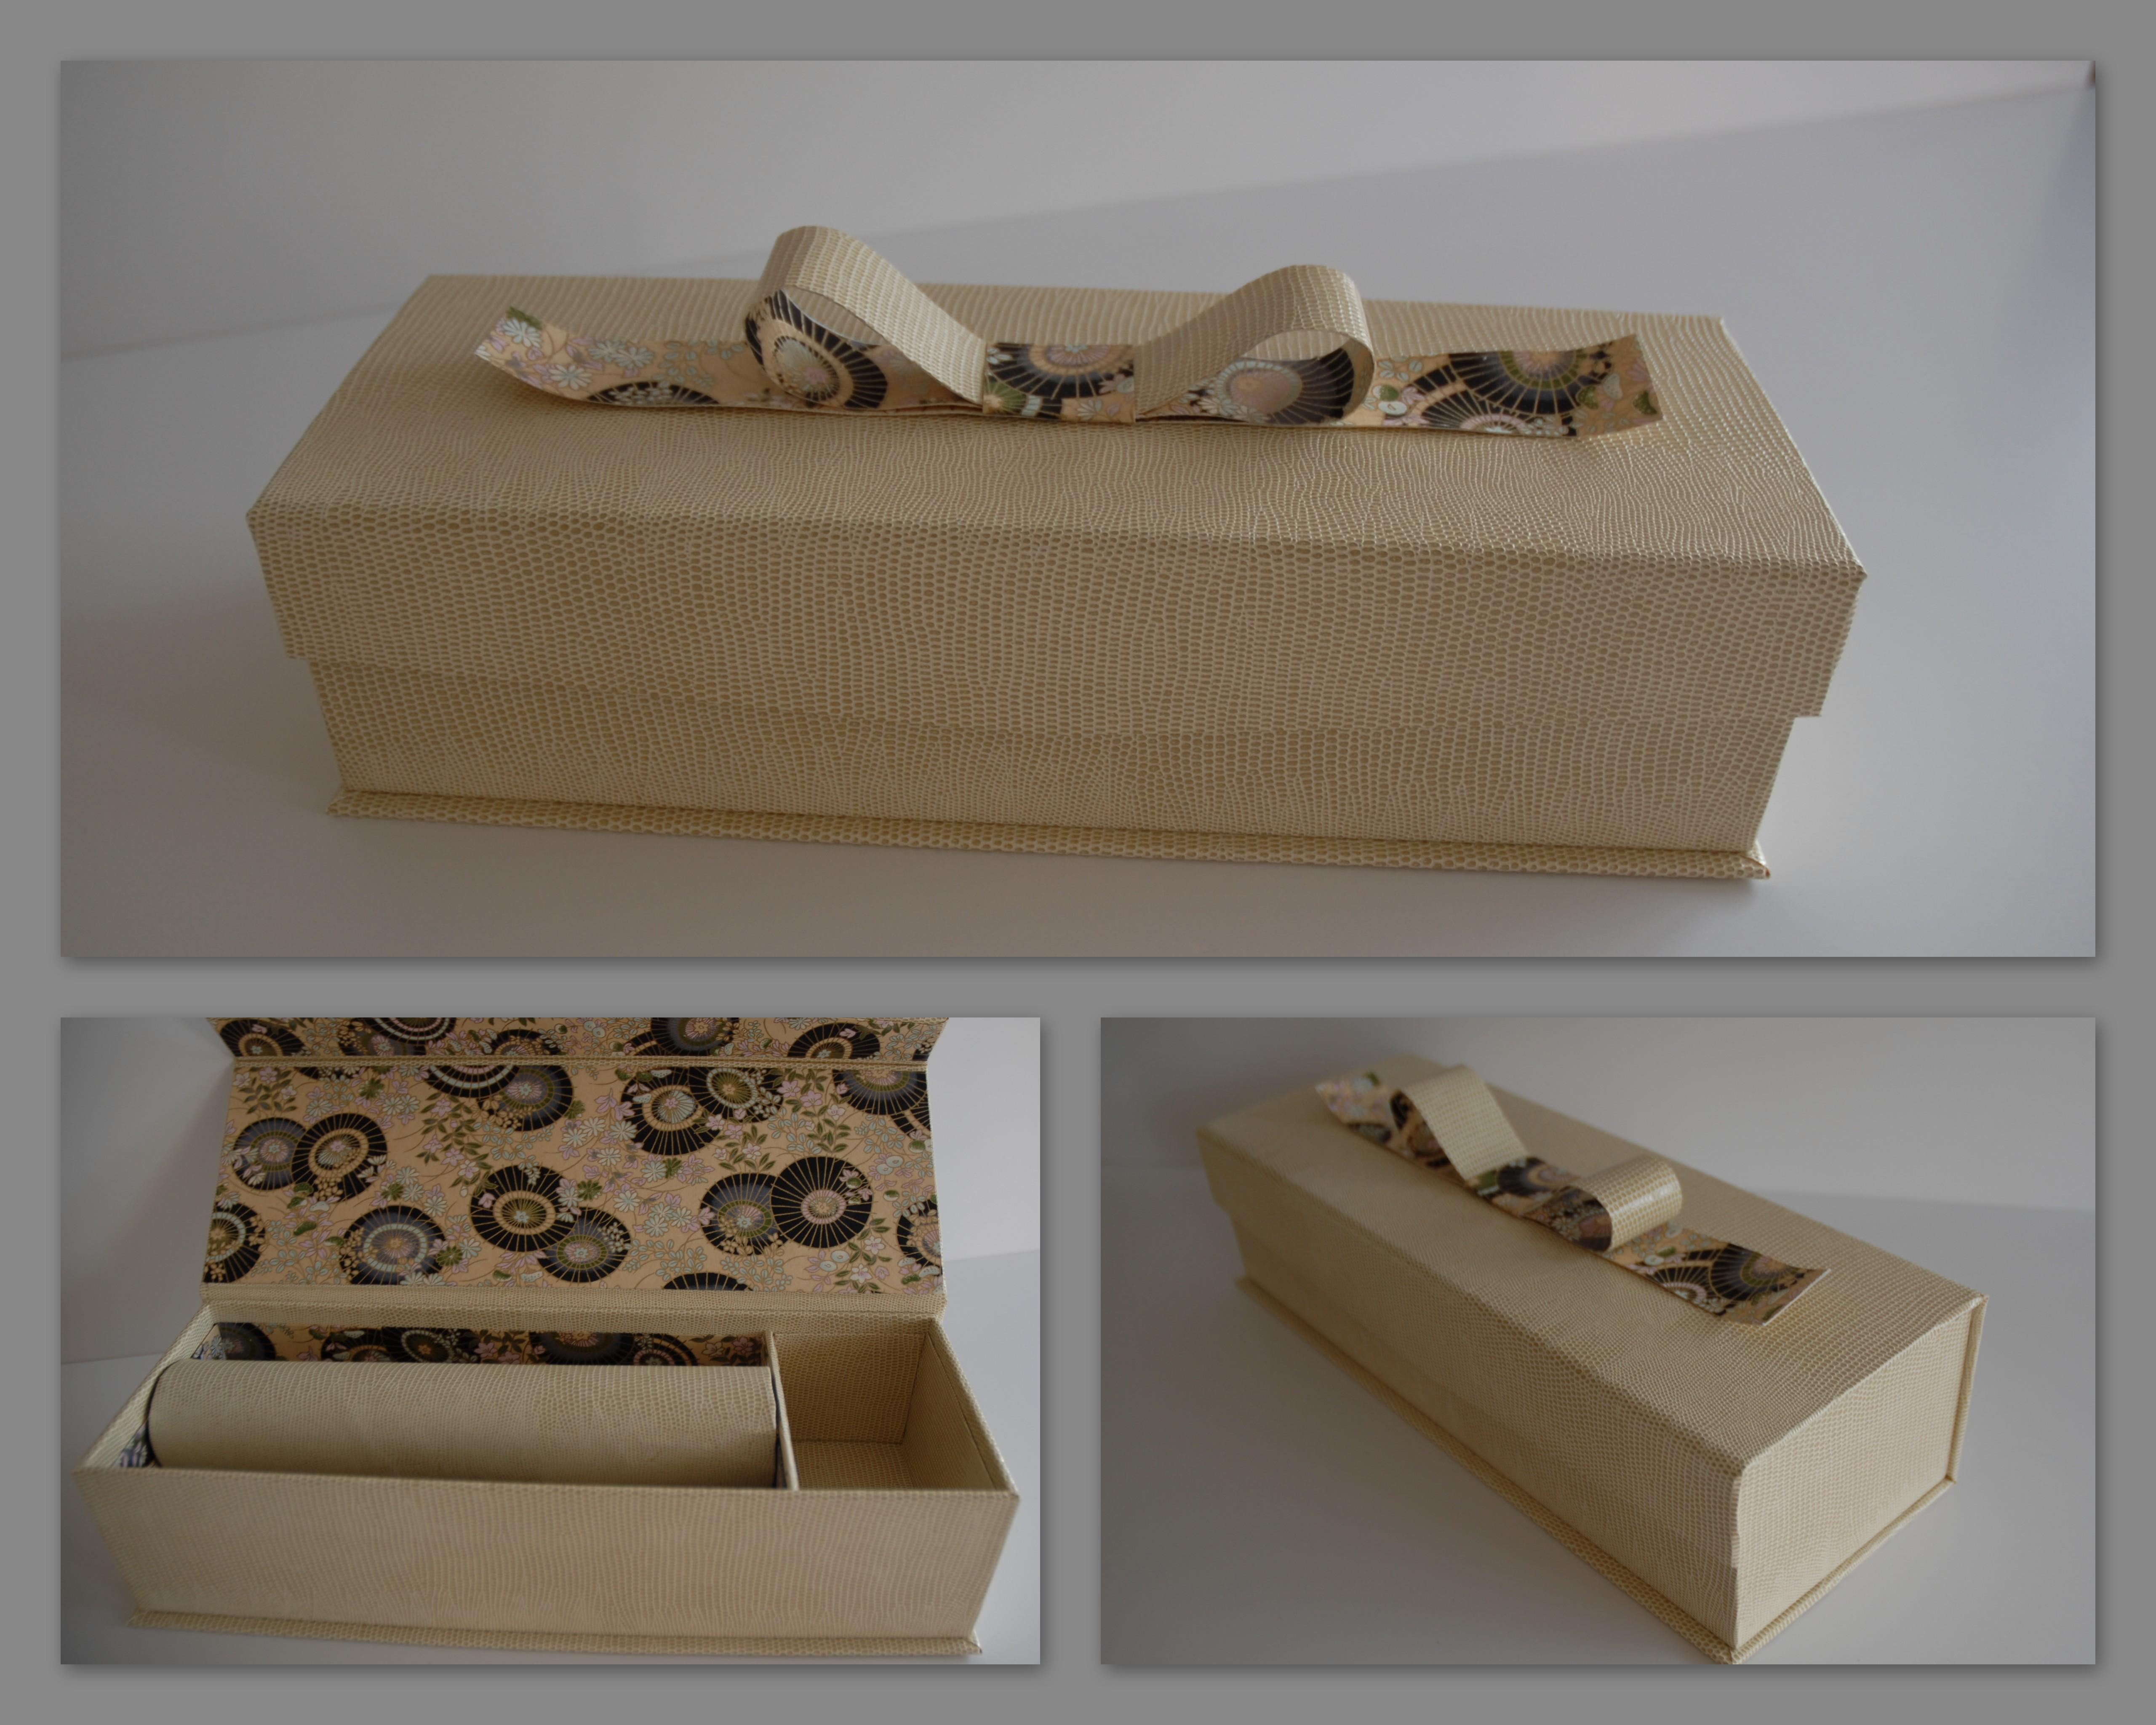 nouvelle version de la boite montres dominocrea. Black Bedroom Furniture Sets. Home Design Ideas